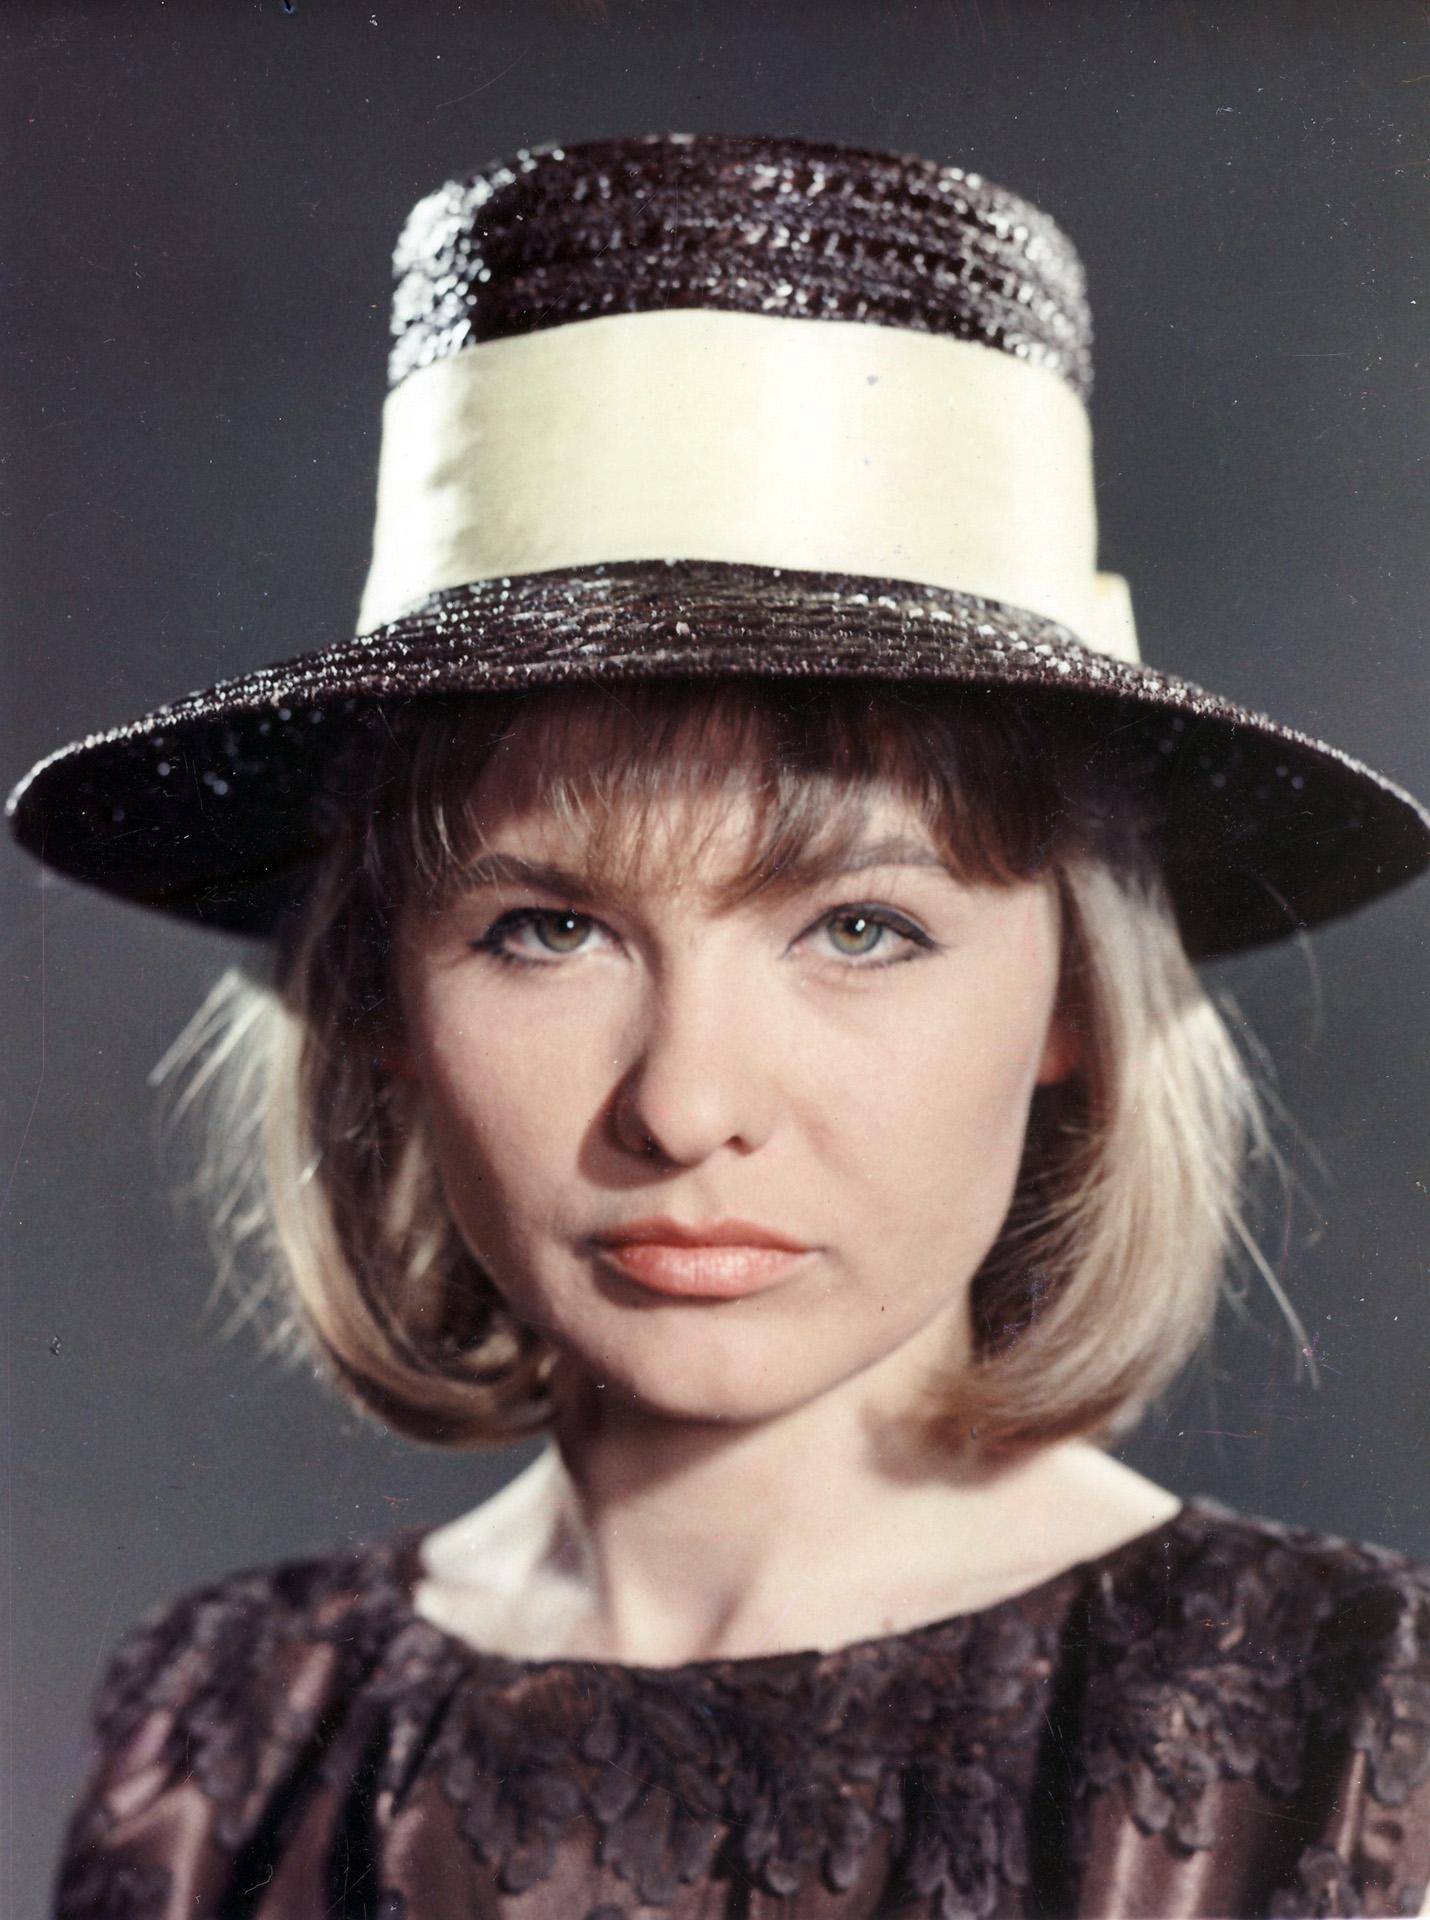 Portré 1964-ből (Fotó: Meglepetés Archívum)